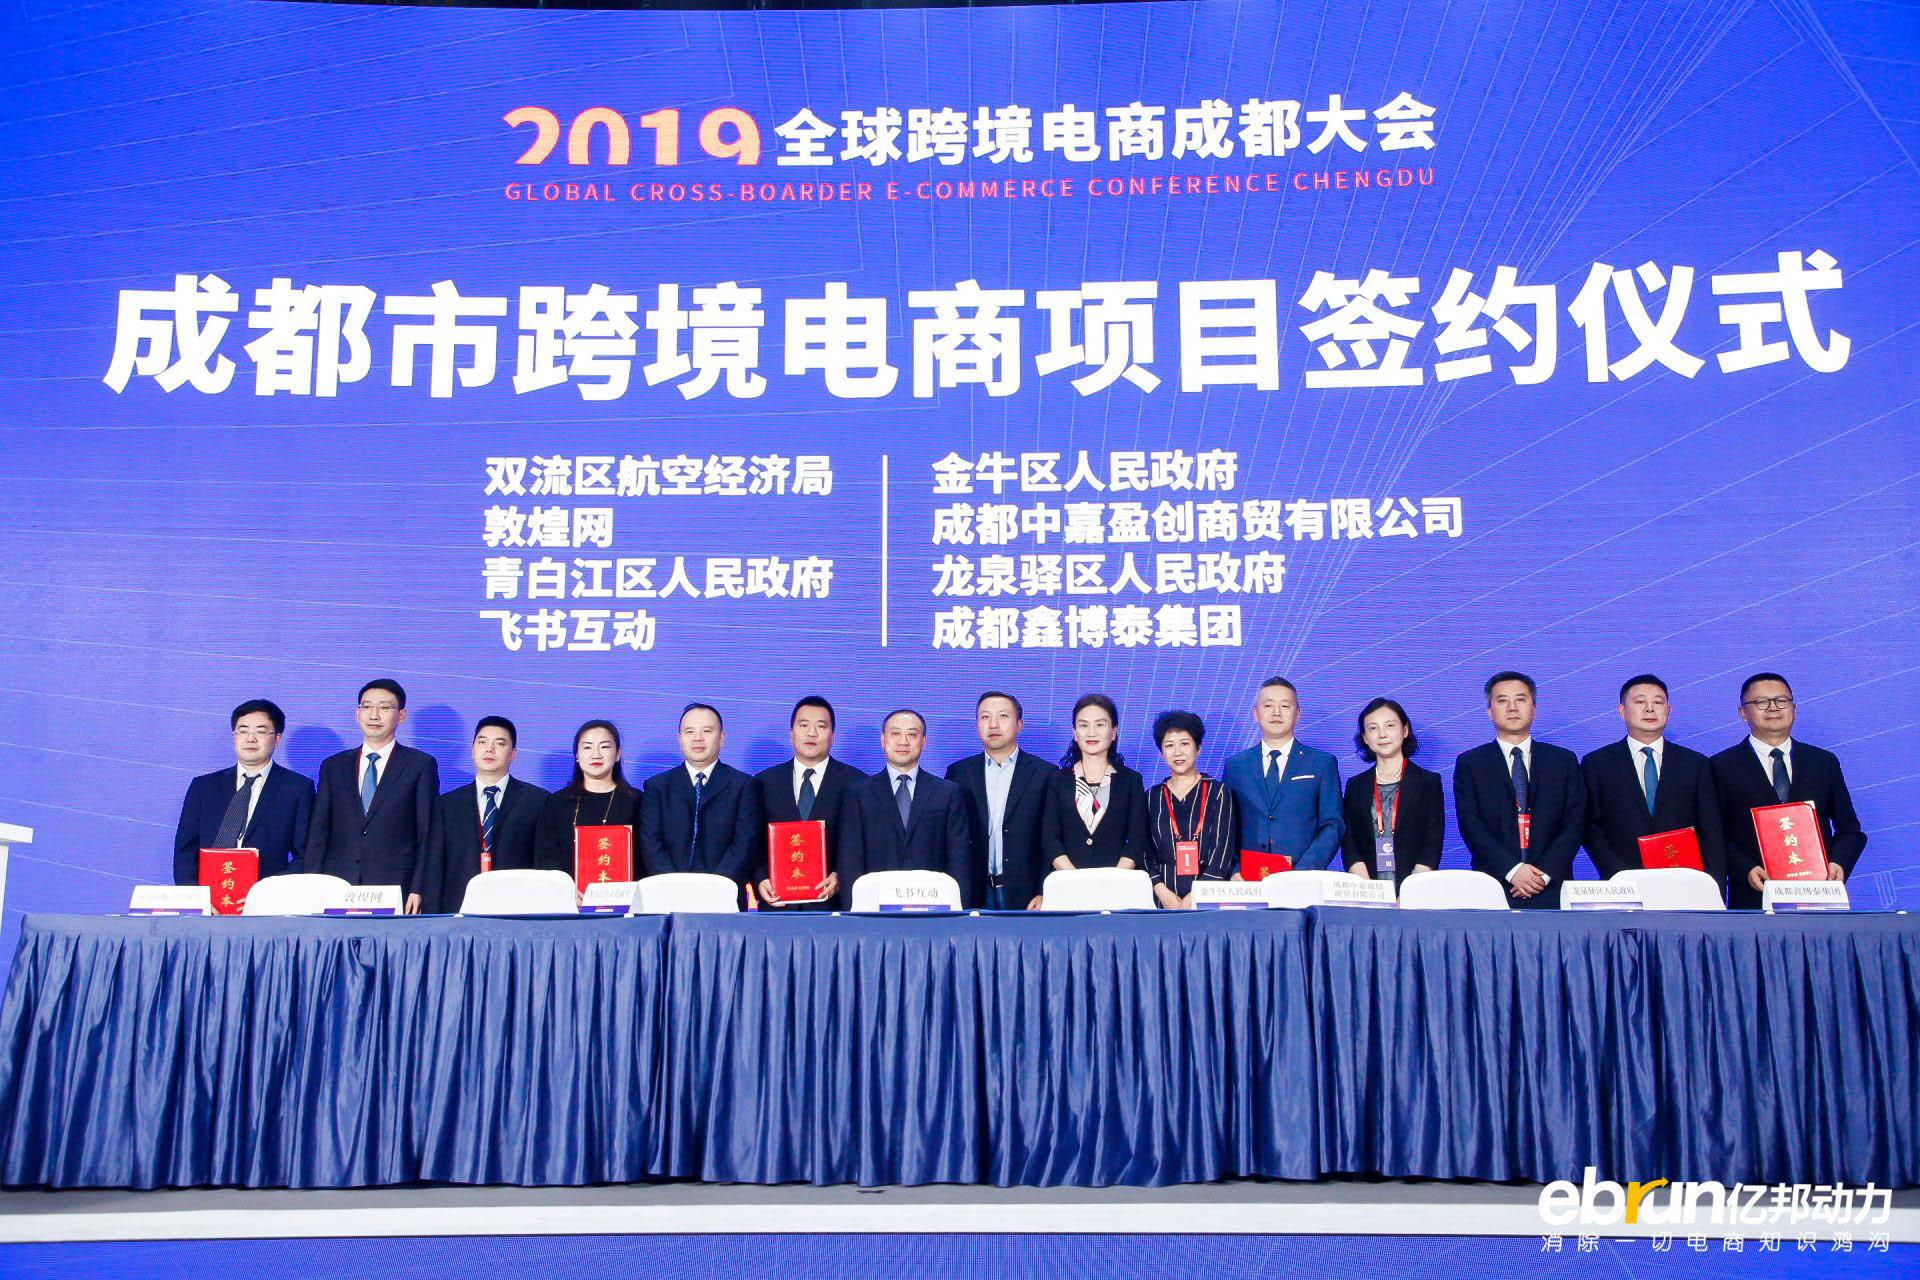 2019全球跨境电商成都大会今日在蓉开幕